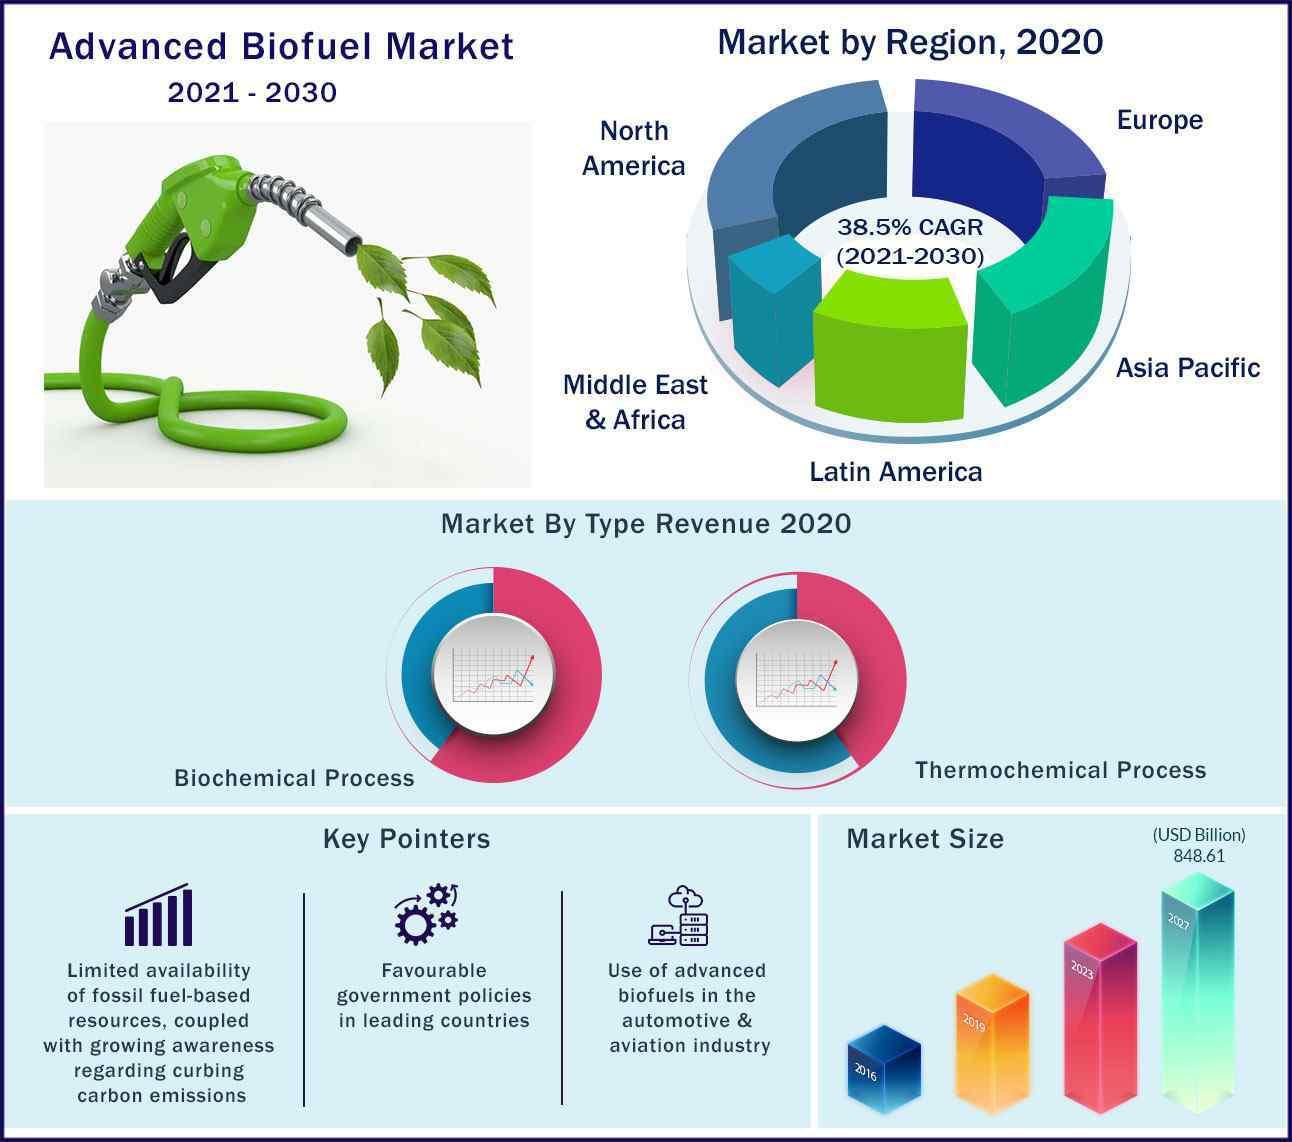 Global Advanced Biofuels Market 2021-2030